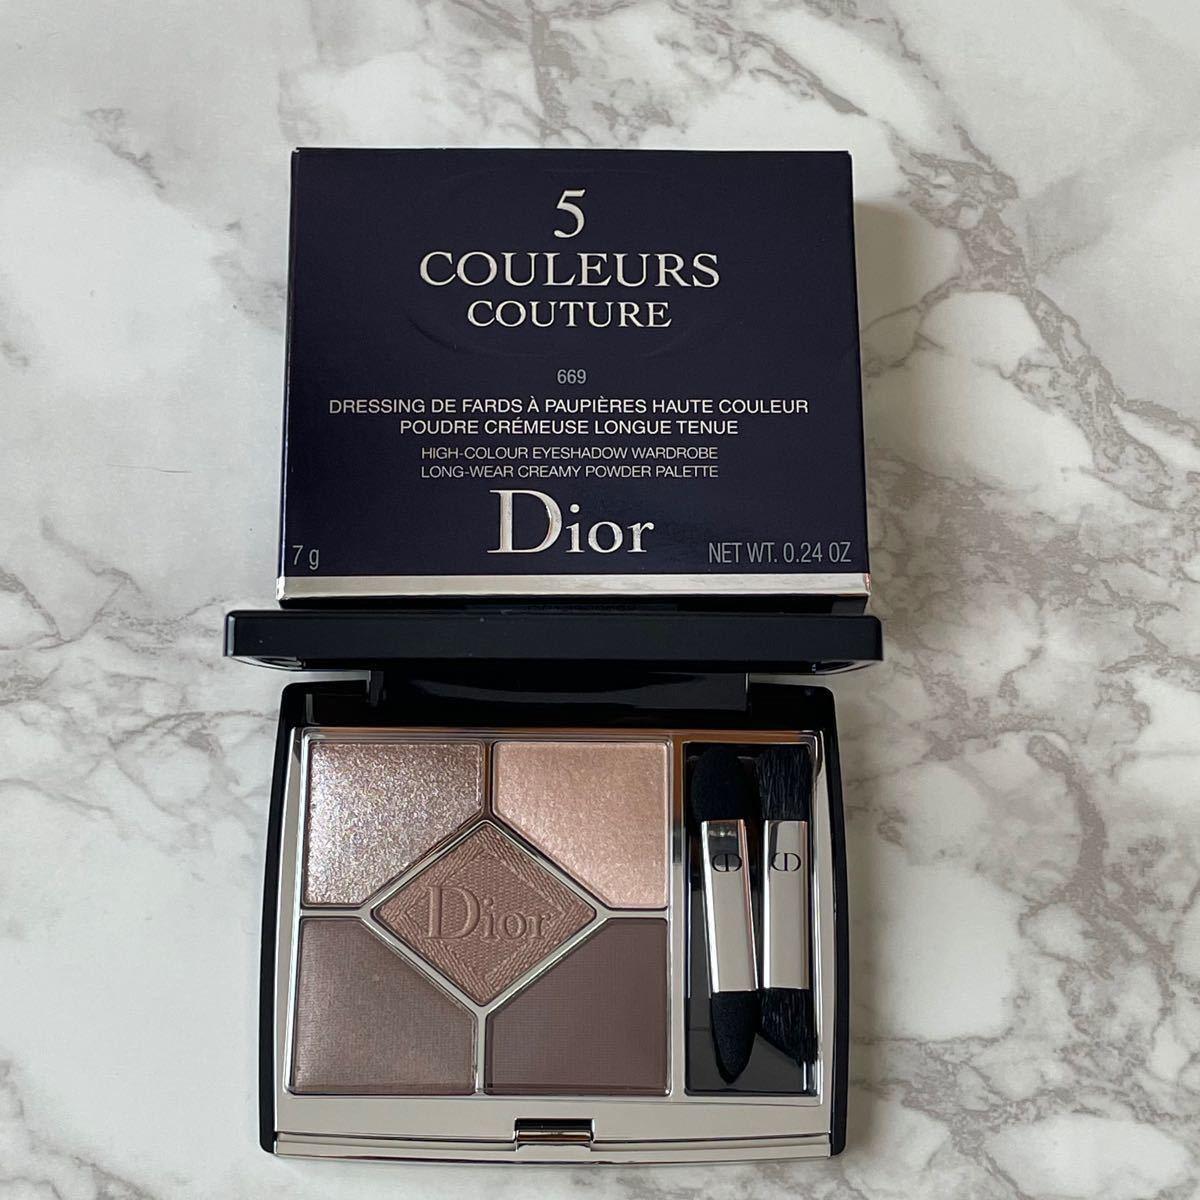 Dior サンククルール アイシャドウ 669